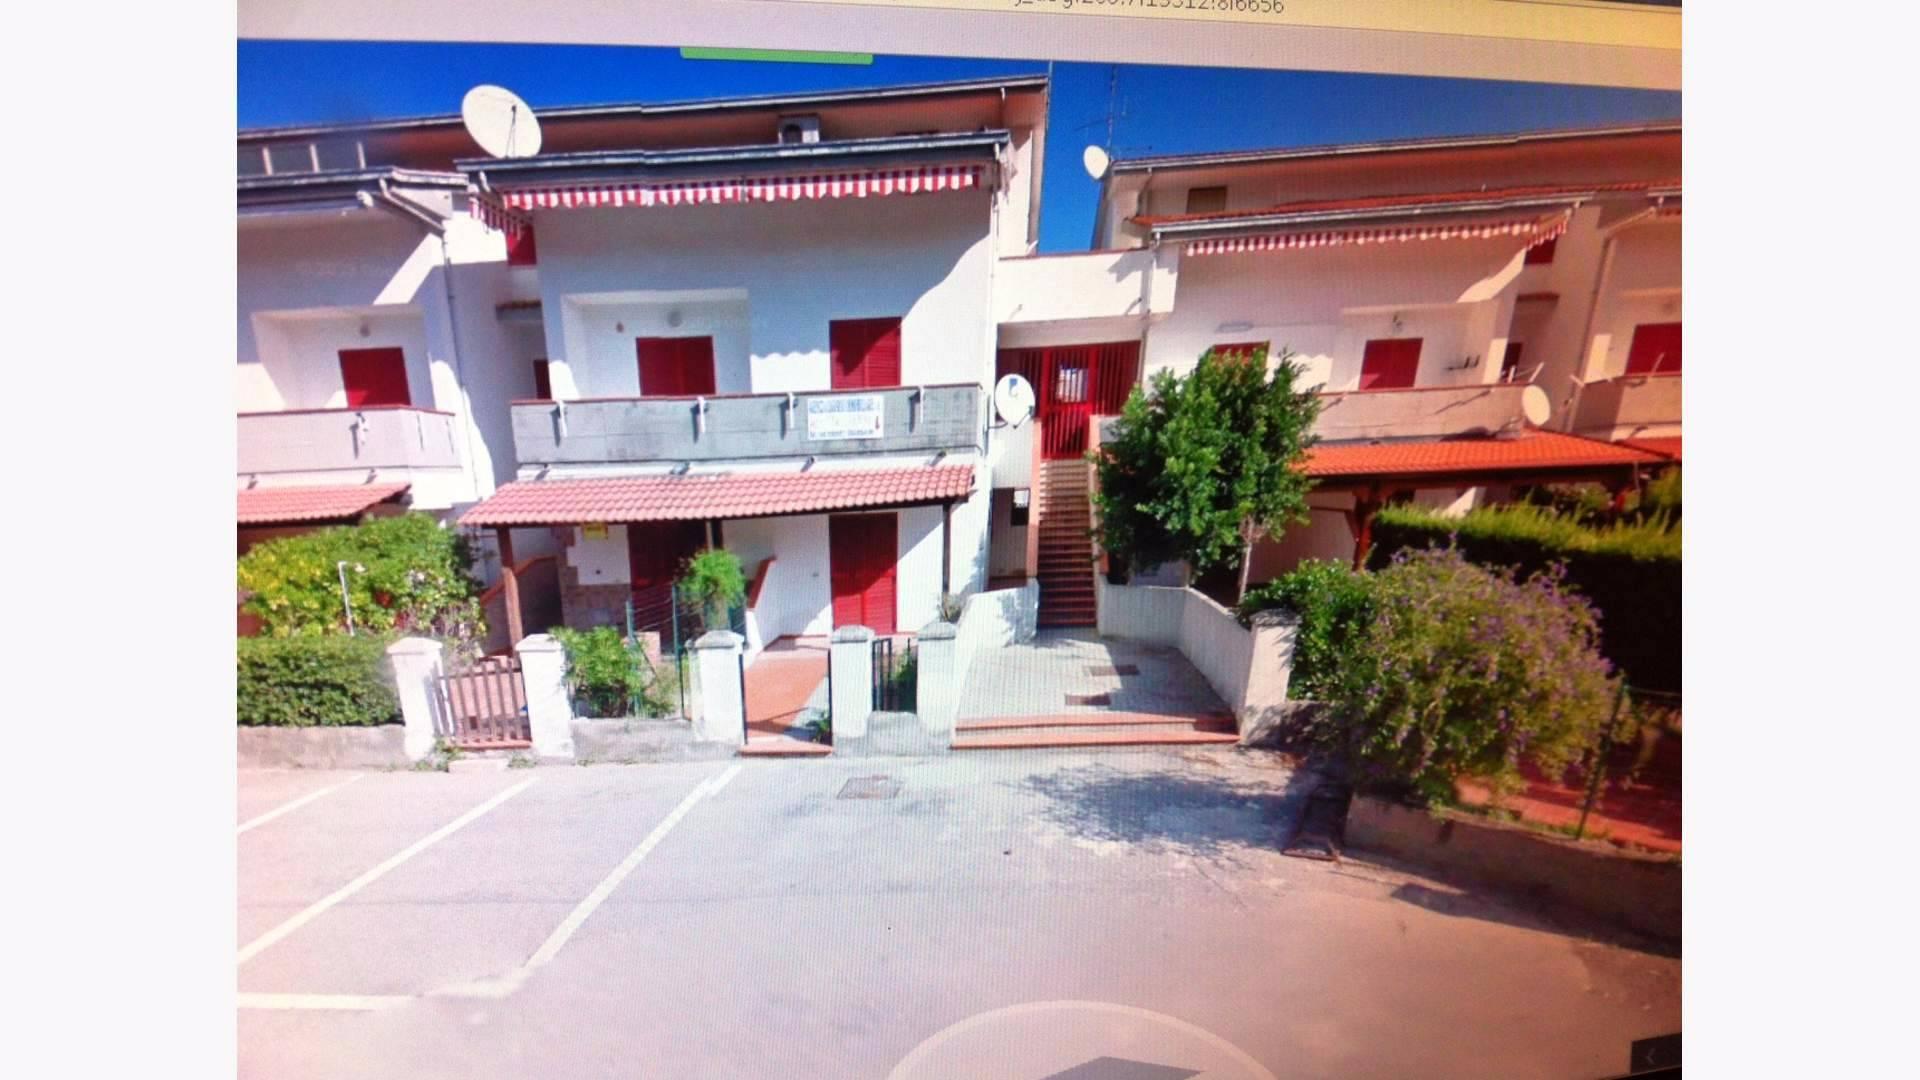 Soluzione Indipendente in vendita a Mandatoriccio, 2 locali, zona Località: MarinadiMandatoriccio, prezzo € 30.000 | Cambio Casa.it